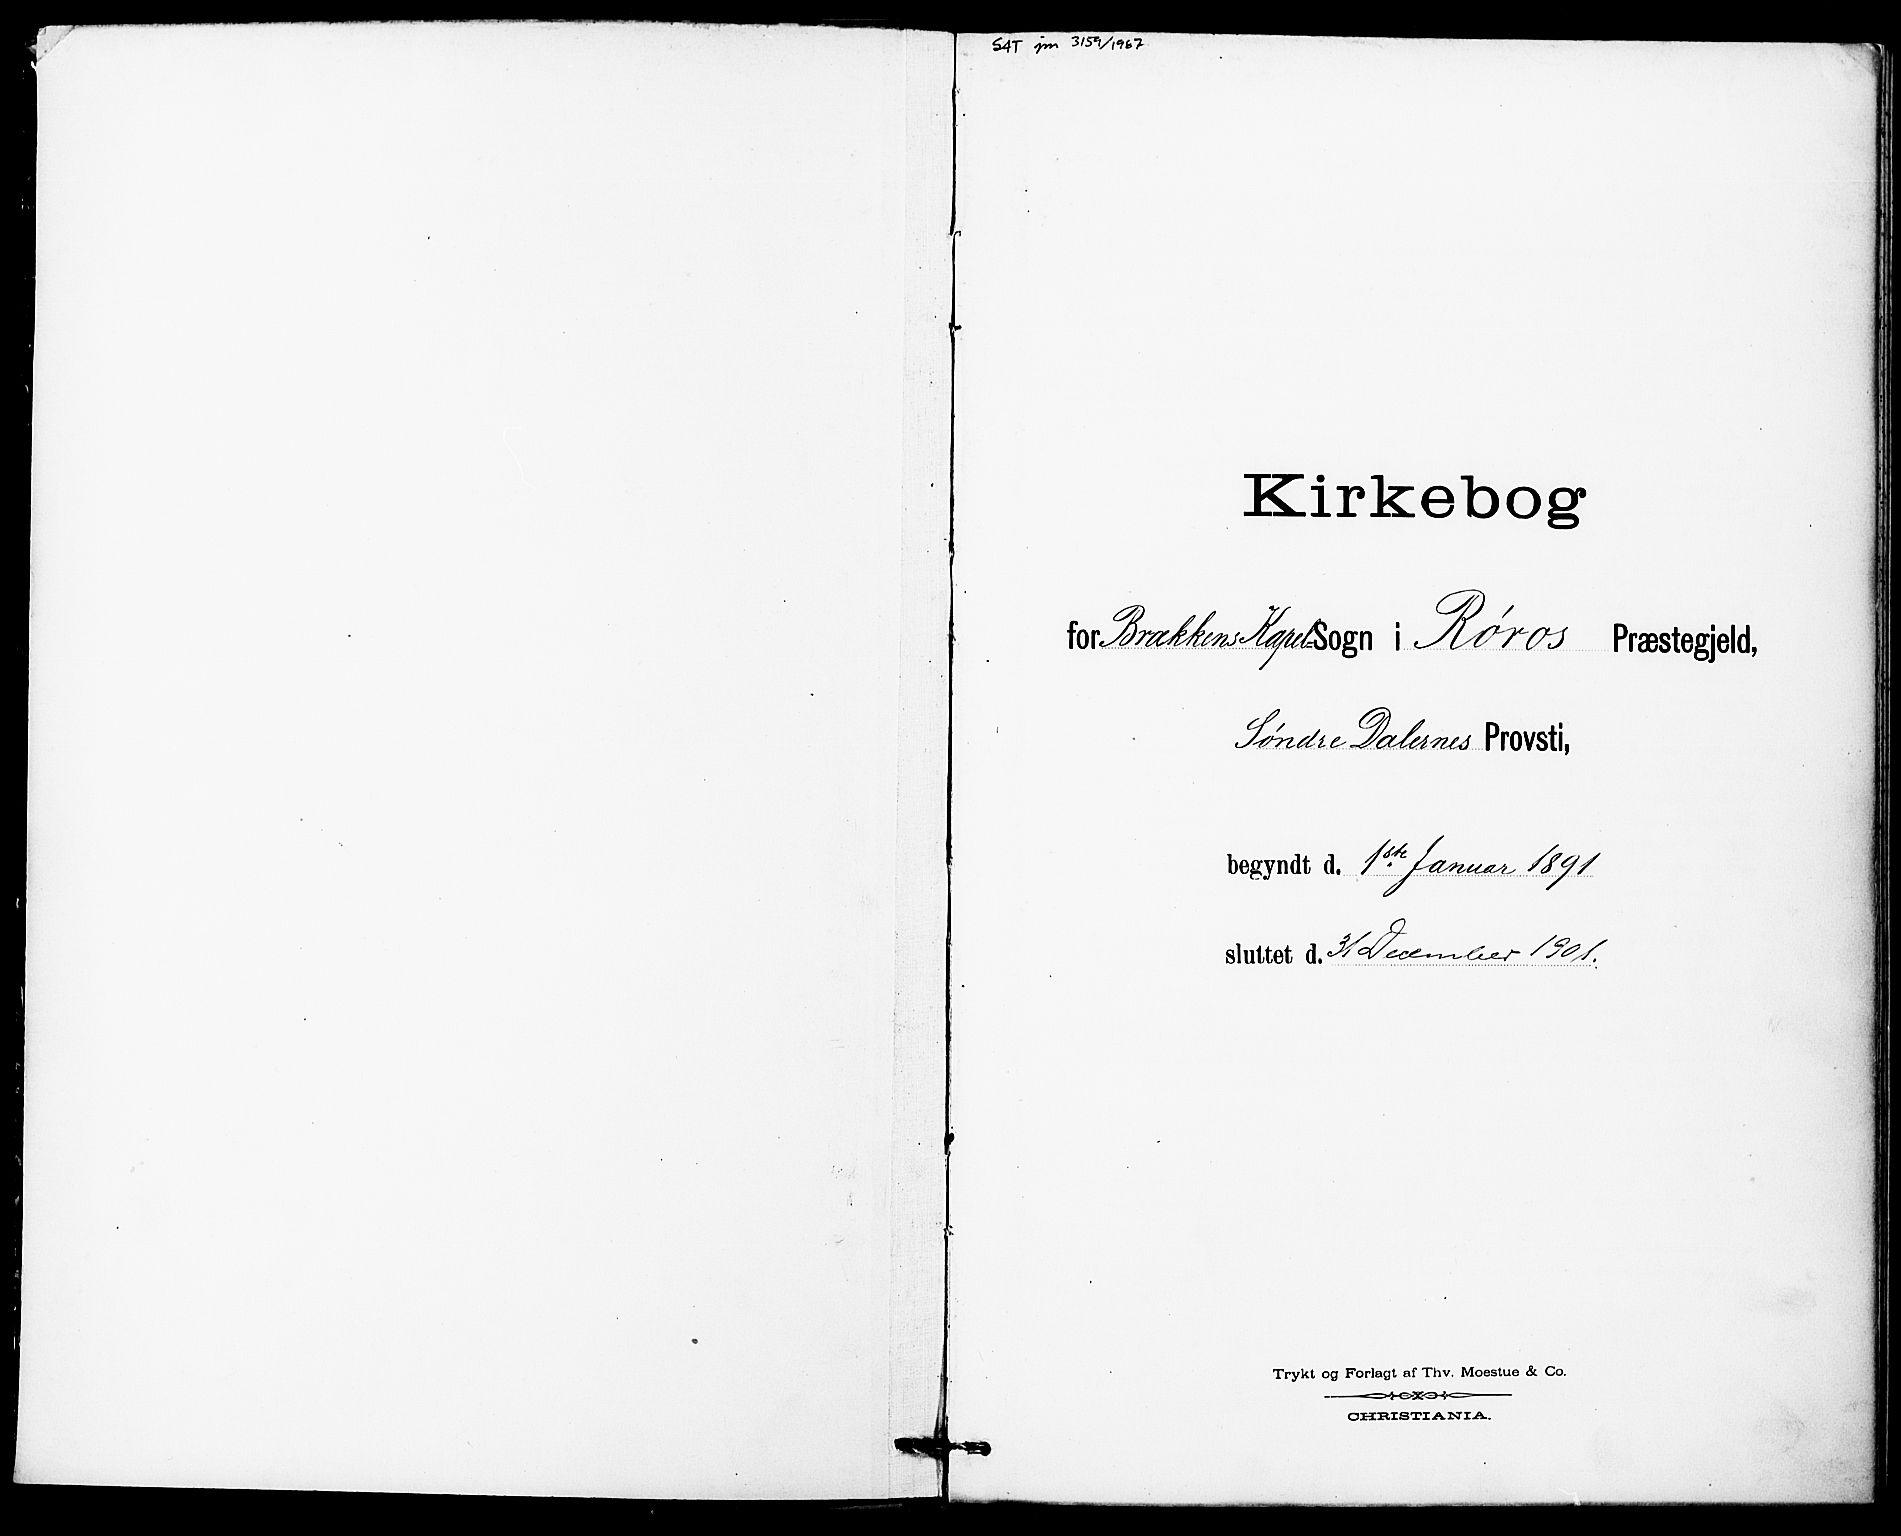 SAT, Ministerialprotokoller, klokkerbøker og fødselsregistre - Sør-Trøndelag, 683/L0948: Ministerialbok nr. 683A01, 1891-1902